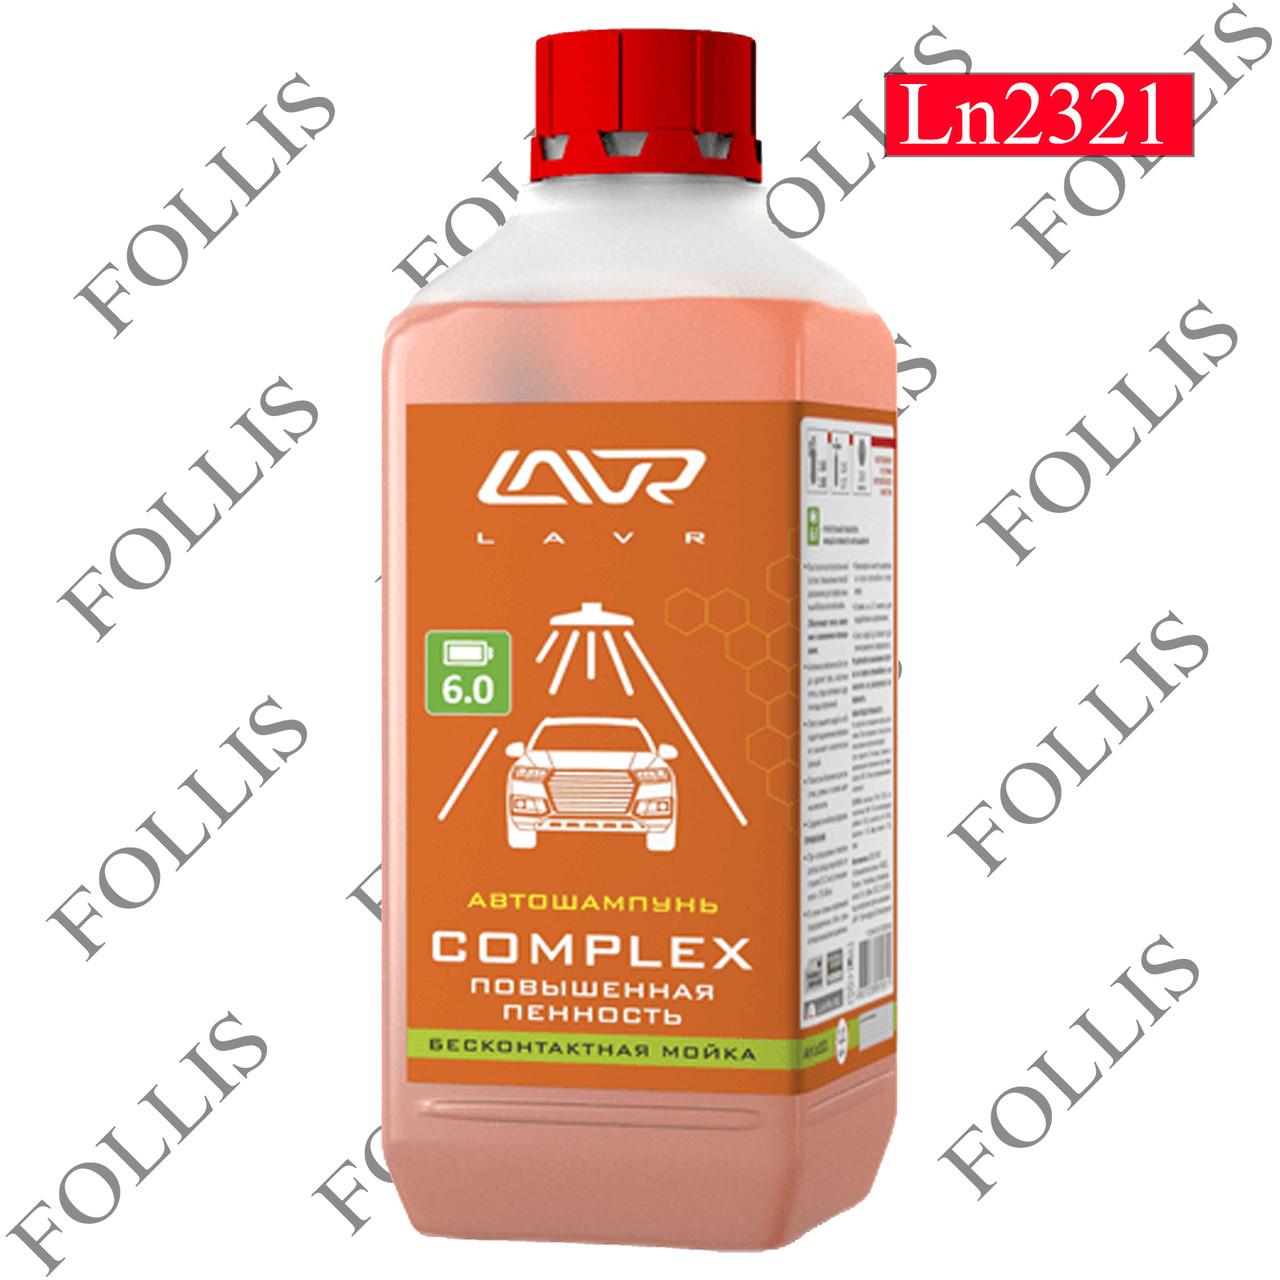 """Автошампунь для бесконтактной мойки """"COMPLEX"""" Повышенная пенность 6.0 (1:50-70) Auto Shampoo COMP 1л"""